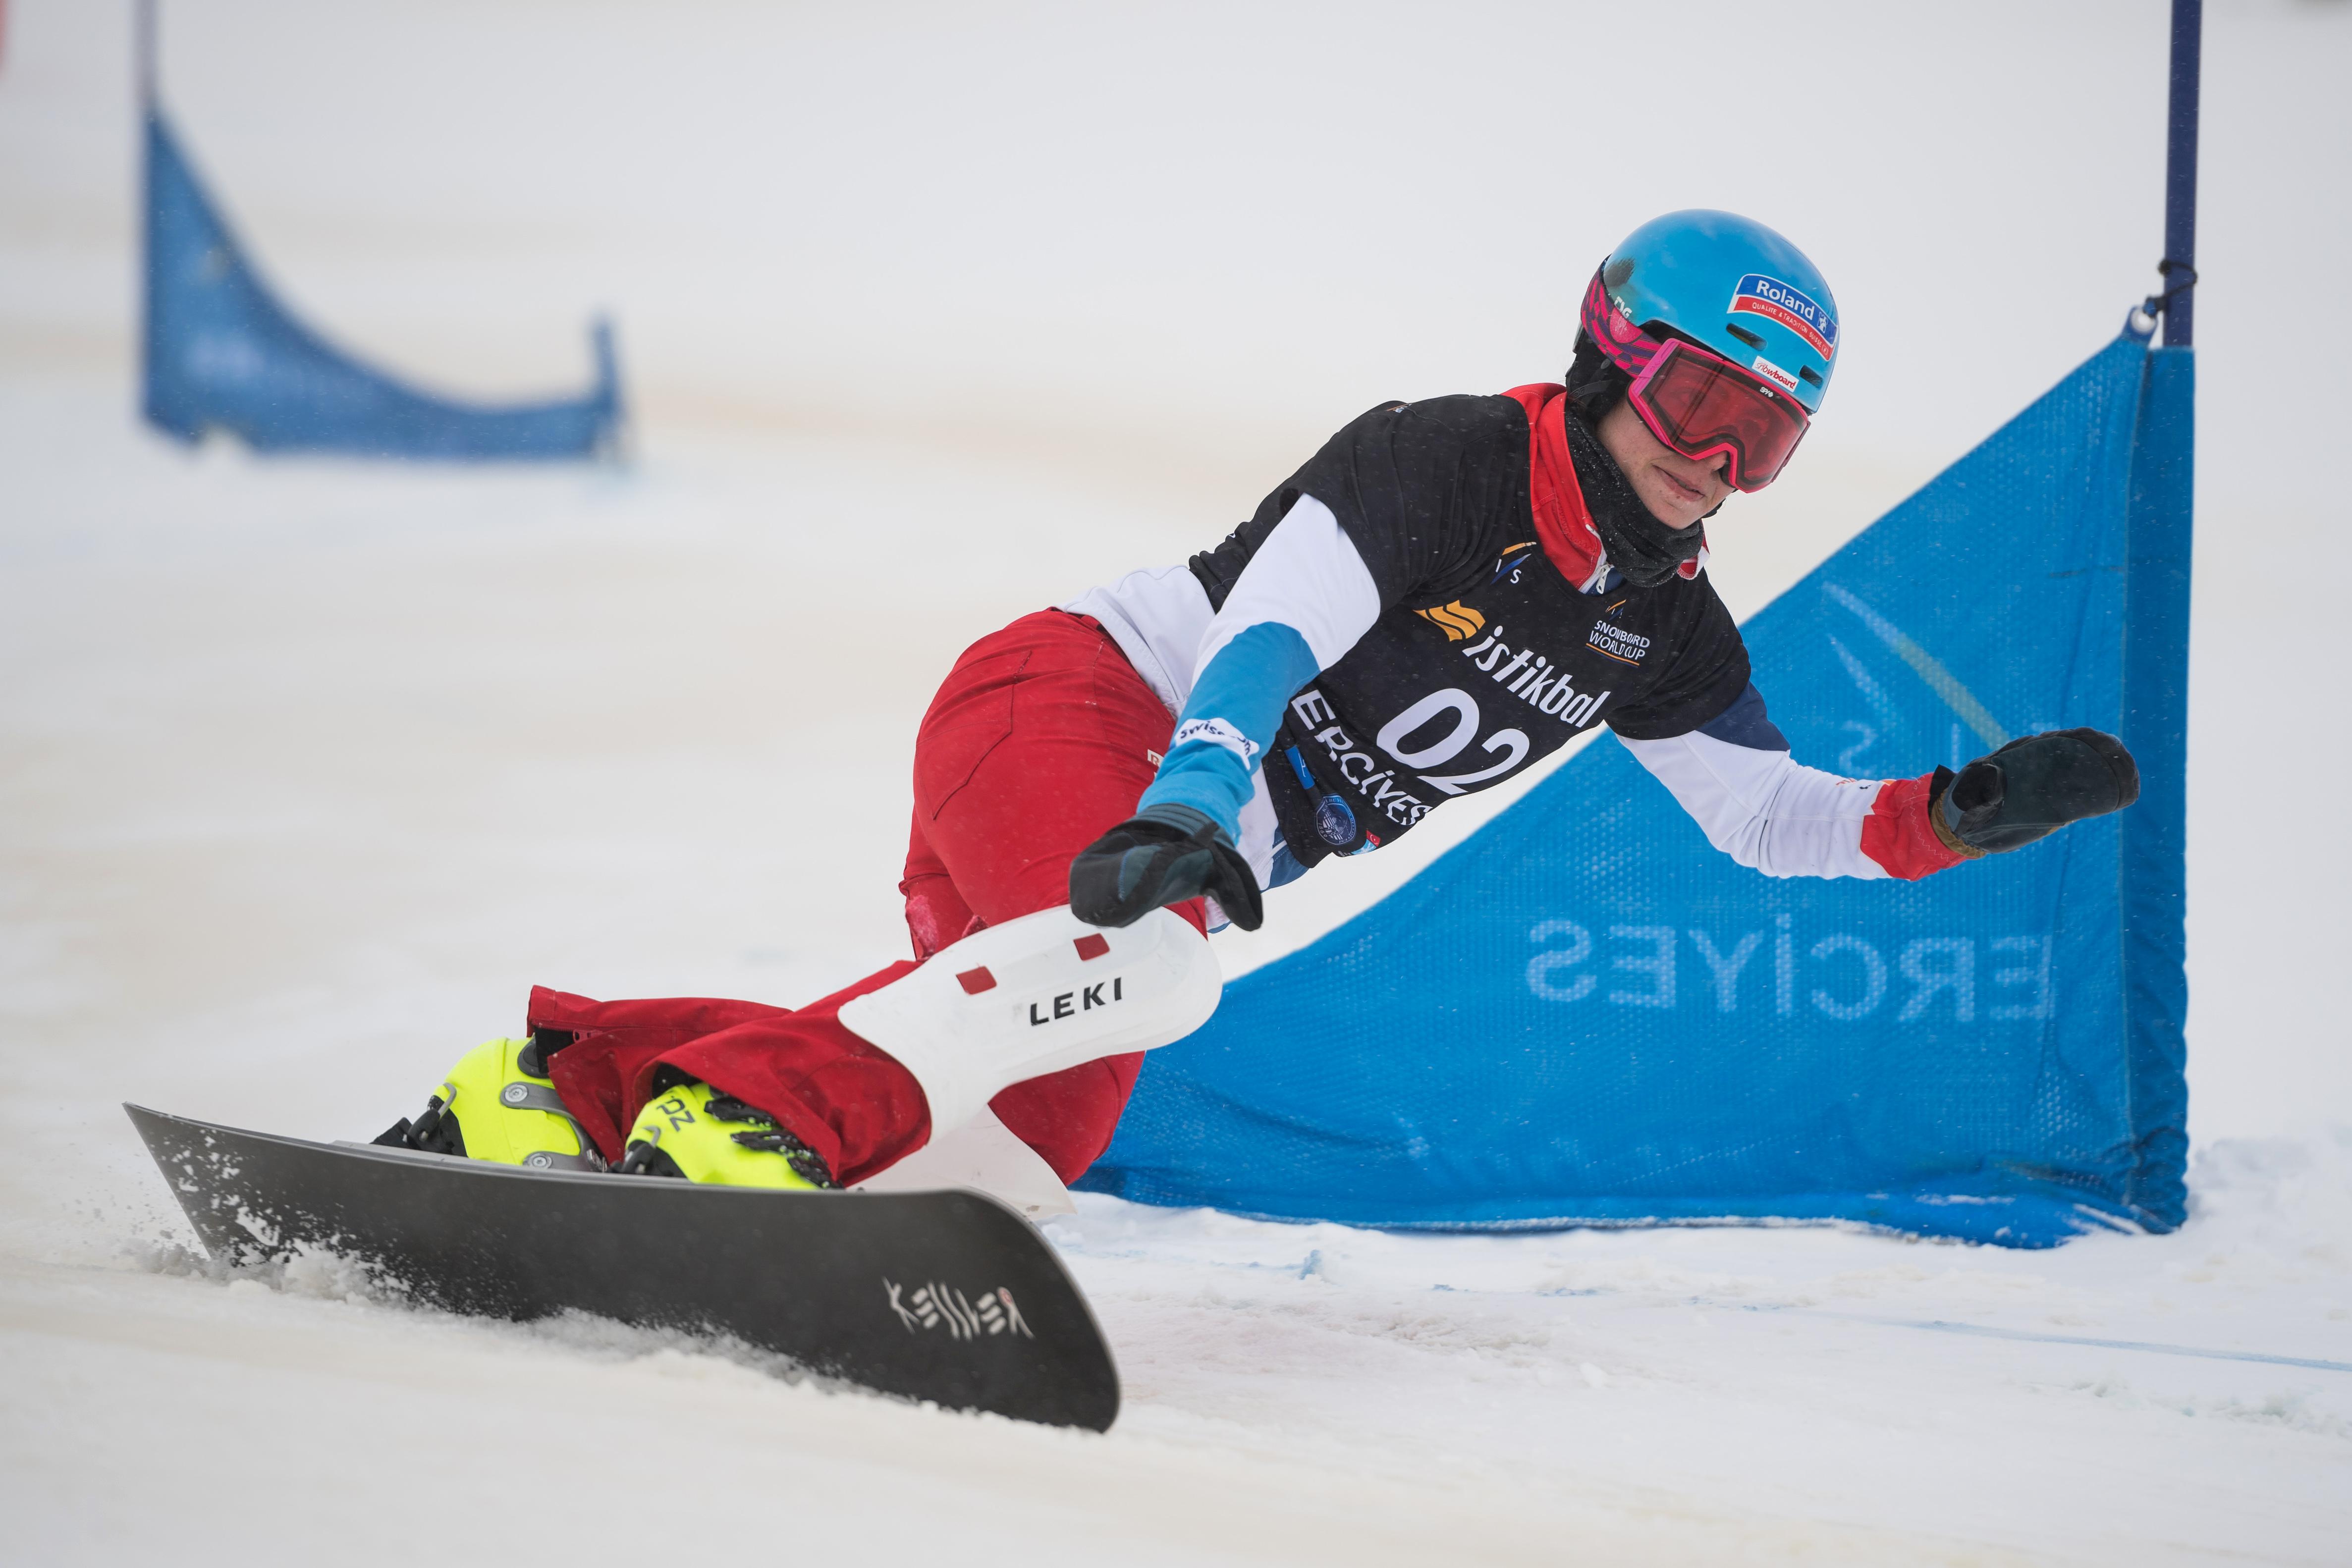 Patrizia Kummer kämpft im Weltcup Parallel Slalom in Kayseri, Türkei, im März 2017 um einen Top Platz.